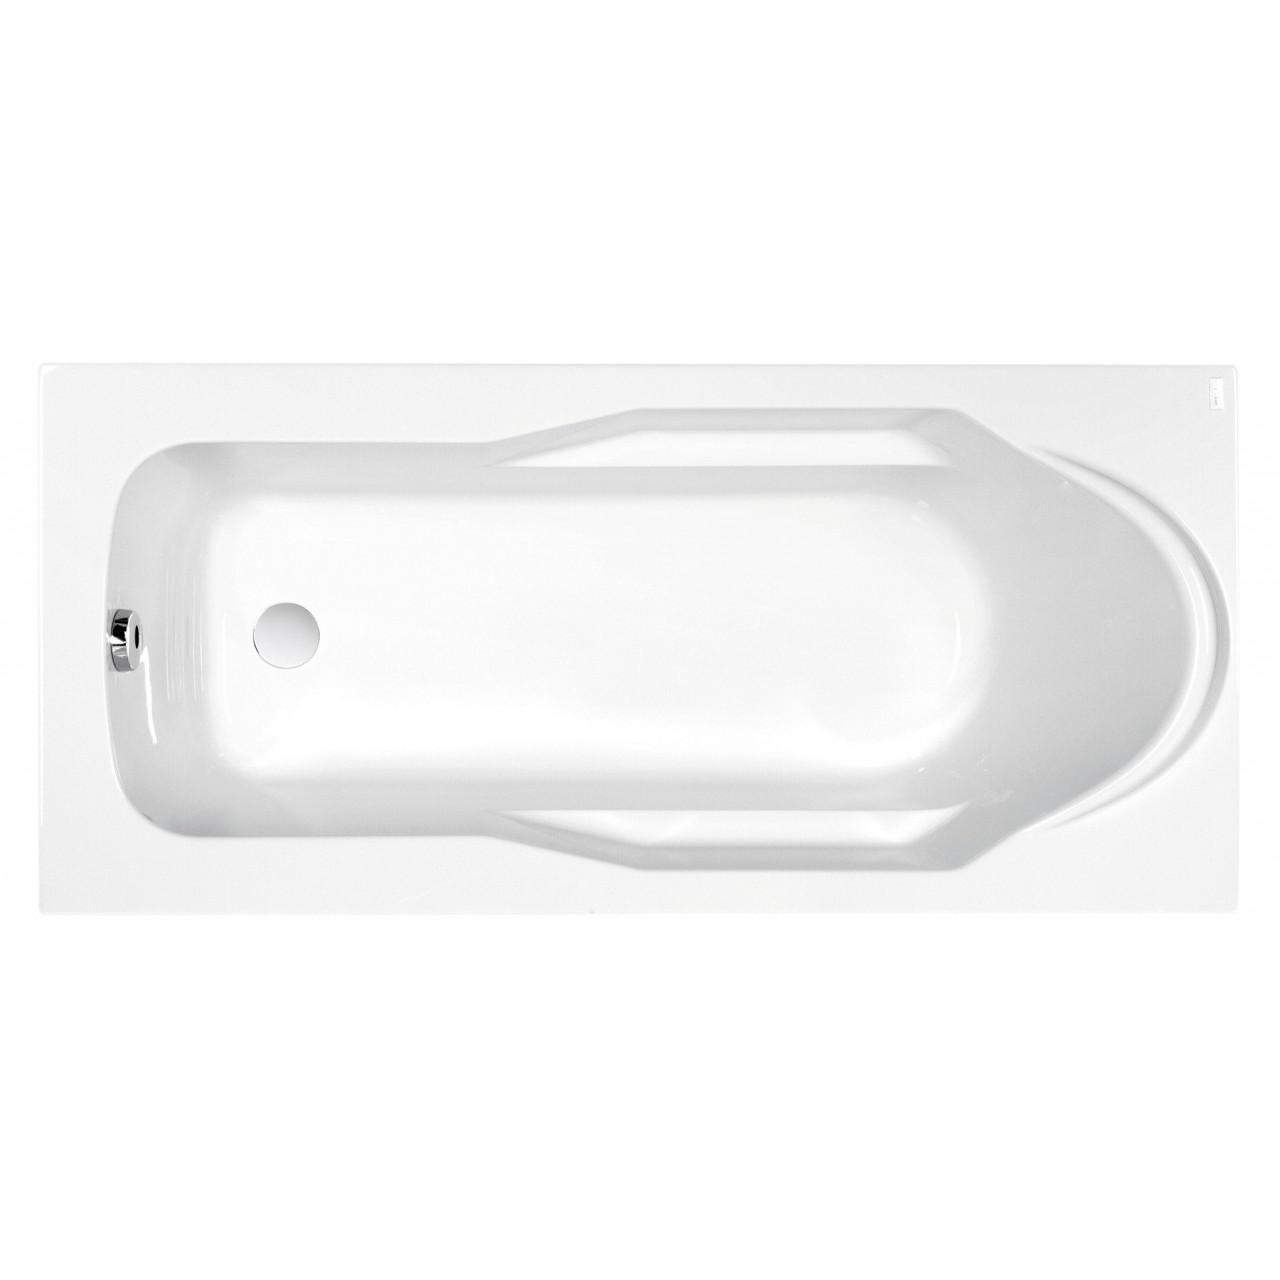 Акриловая ванна Cersanit Santana WP-SANTANA*160x70 купить в Москве по цене от 7509р. в интернет-магазине mebel-v-vannu.ru